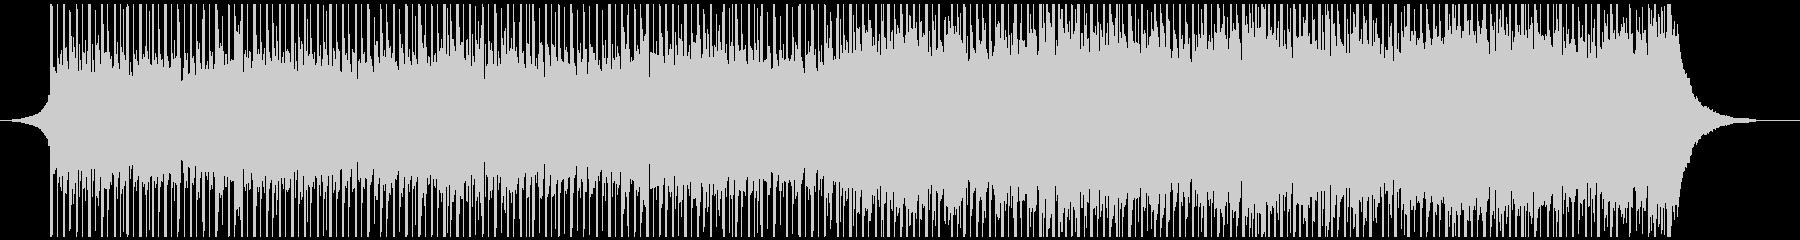 研究所(中)の未再生の波形